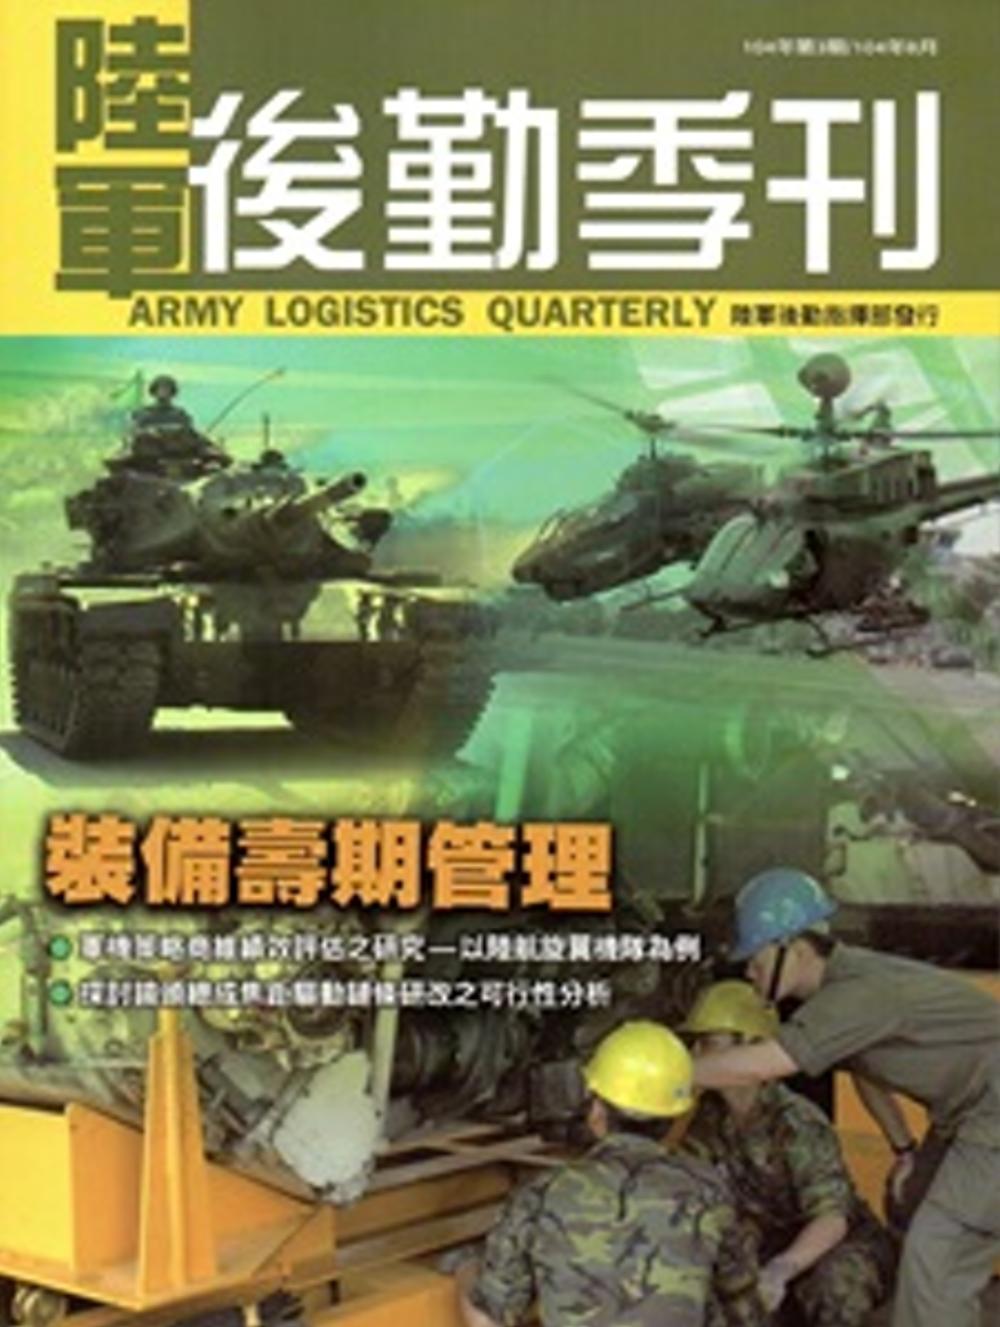 陸軍後勤季刊104年第03期^(104 08^)